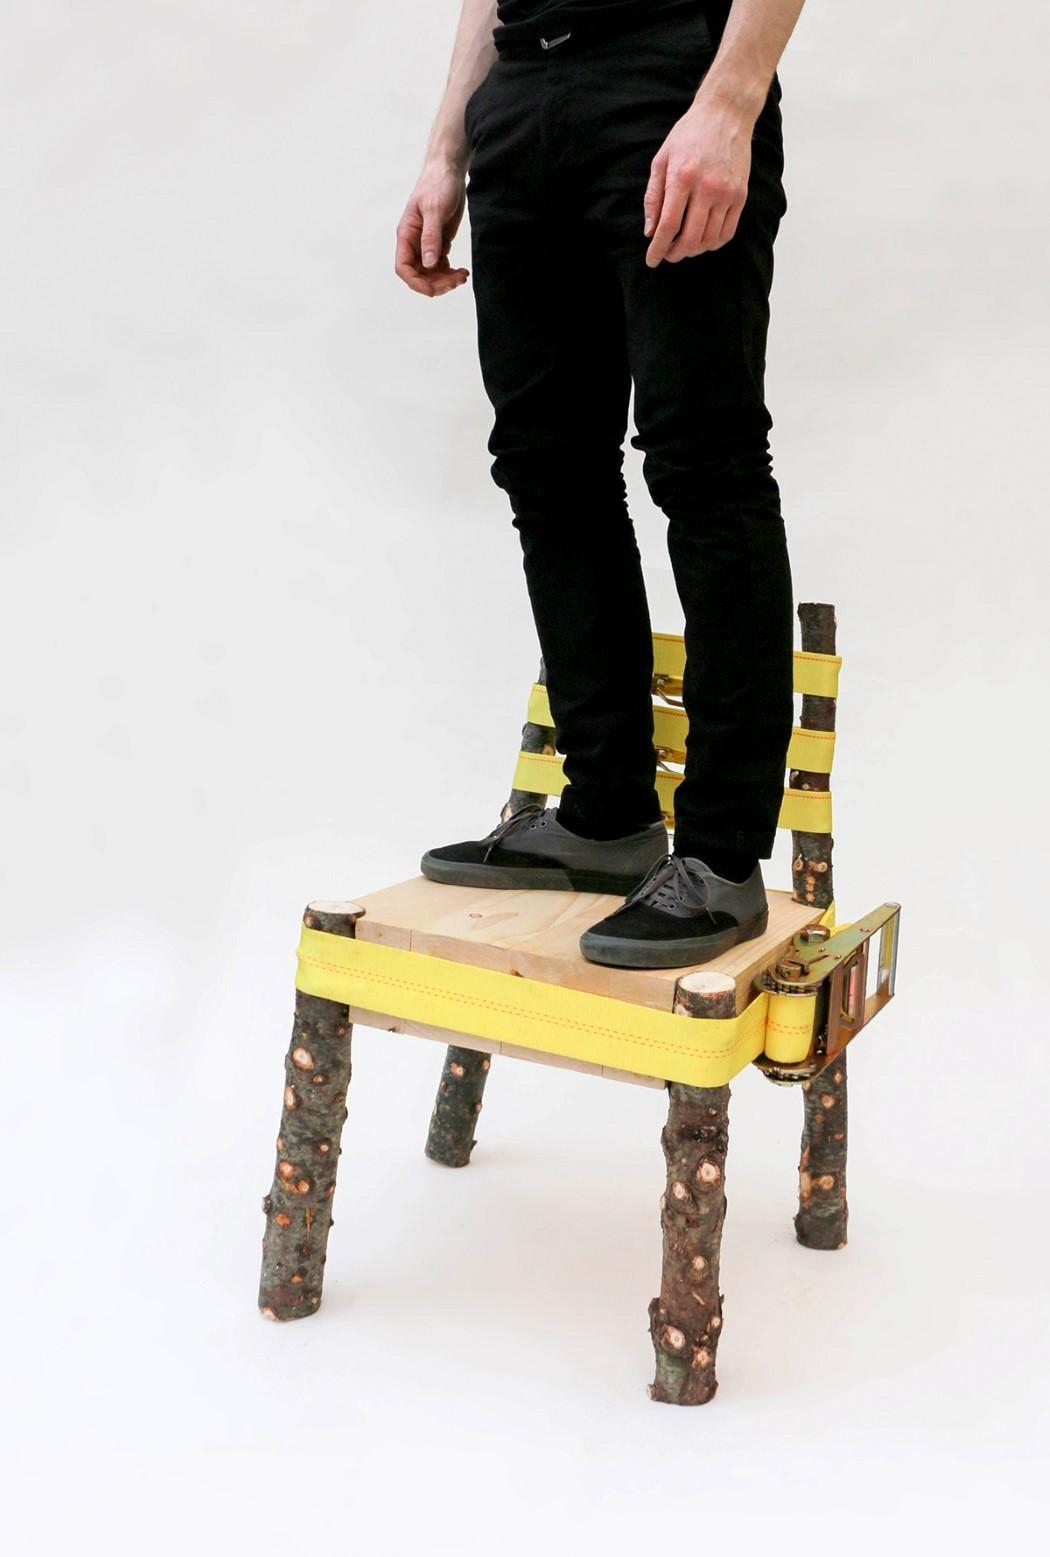 strap_chair_6